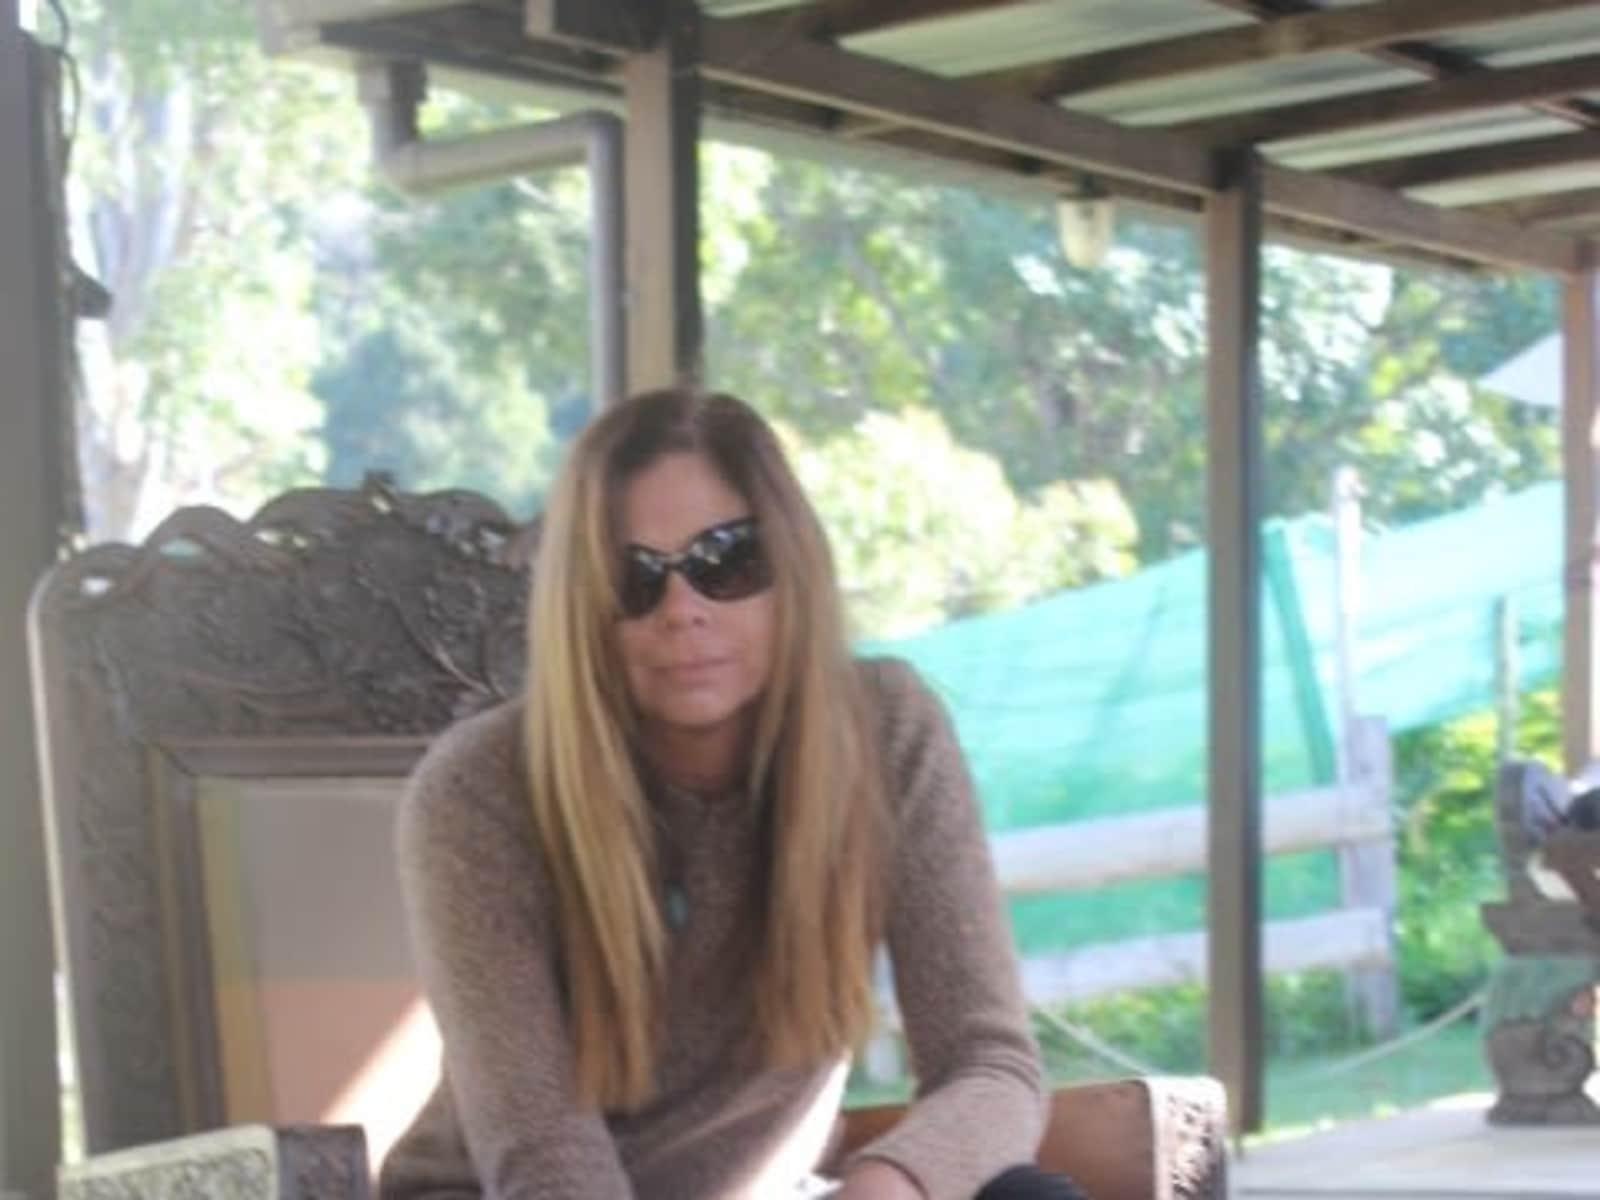 Elizabeth from Byron Bay, New South Wales, Australia